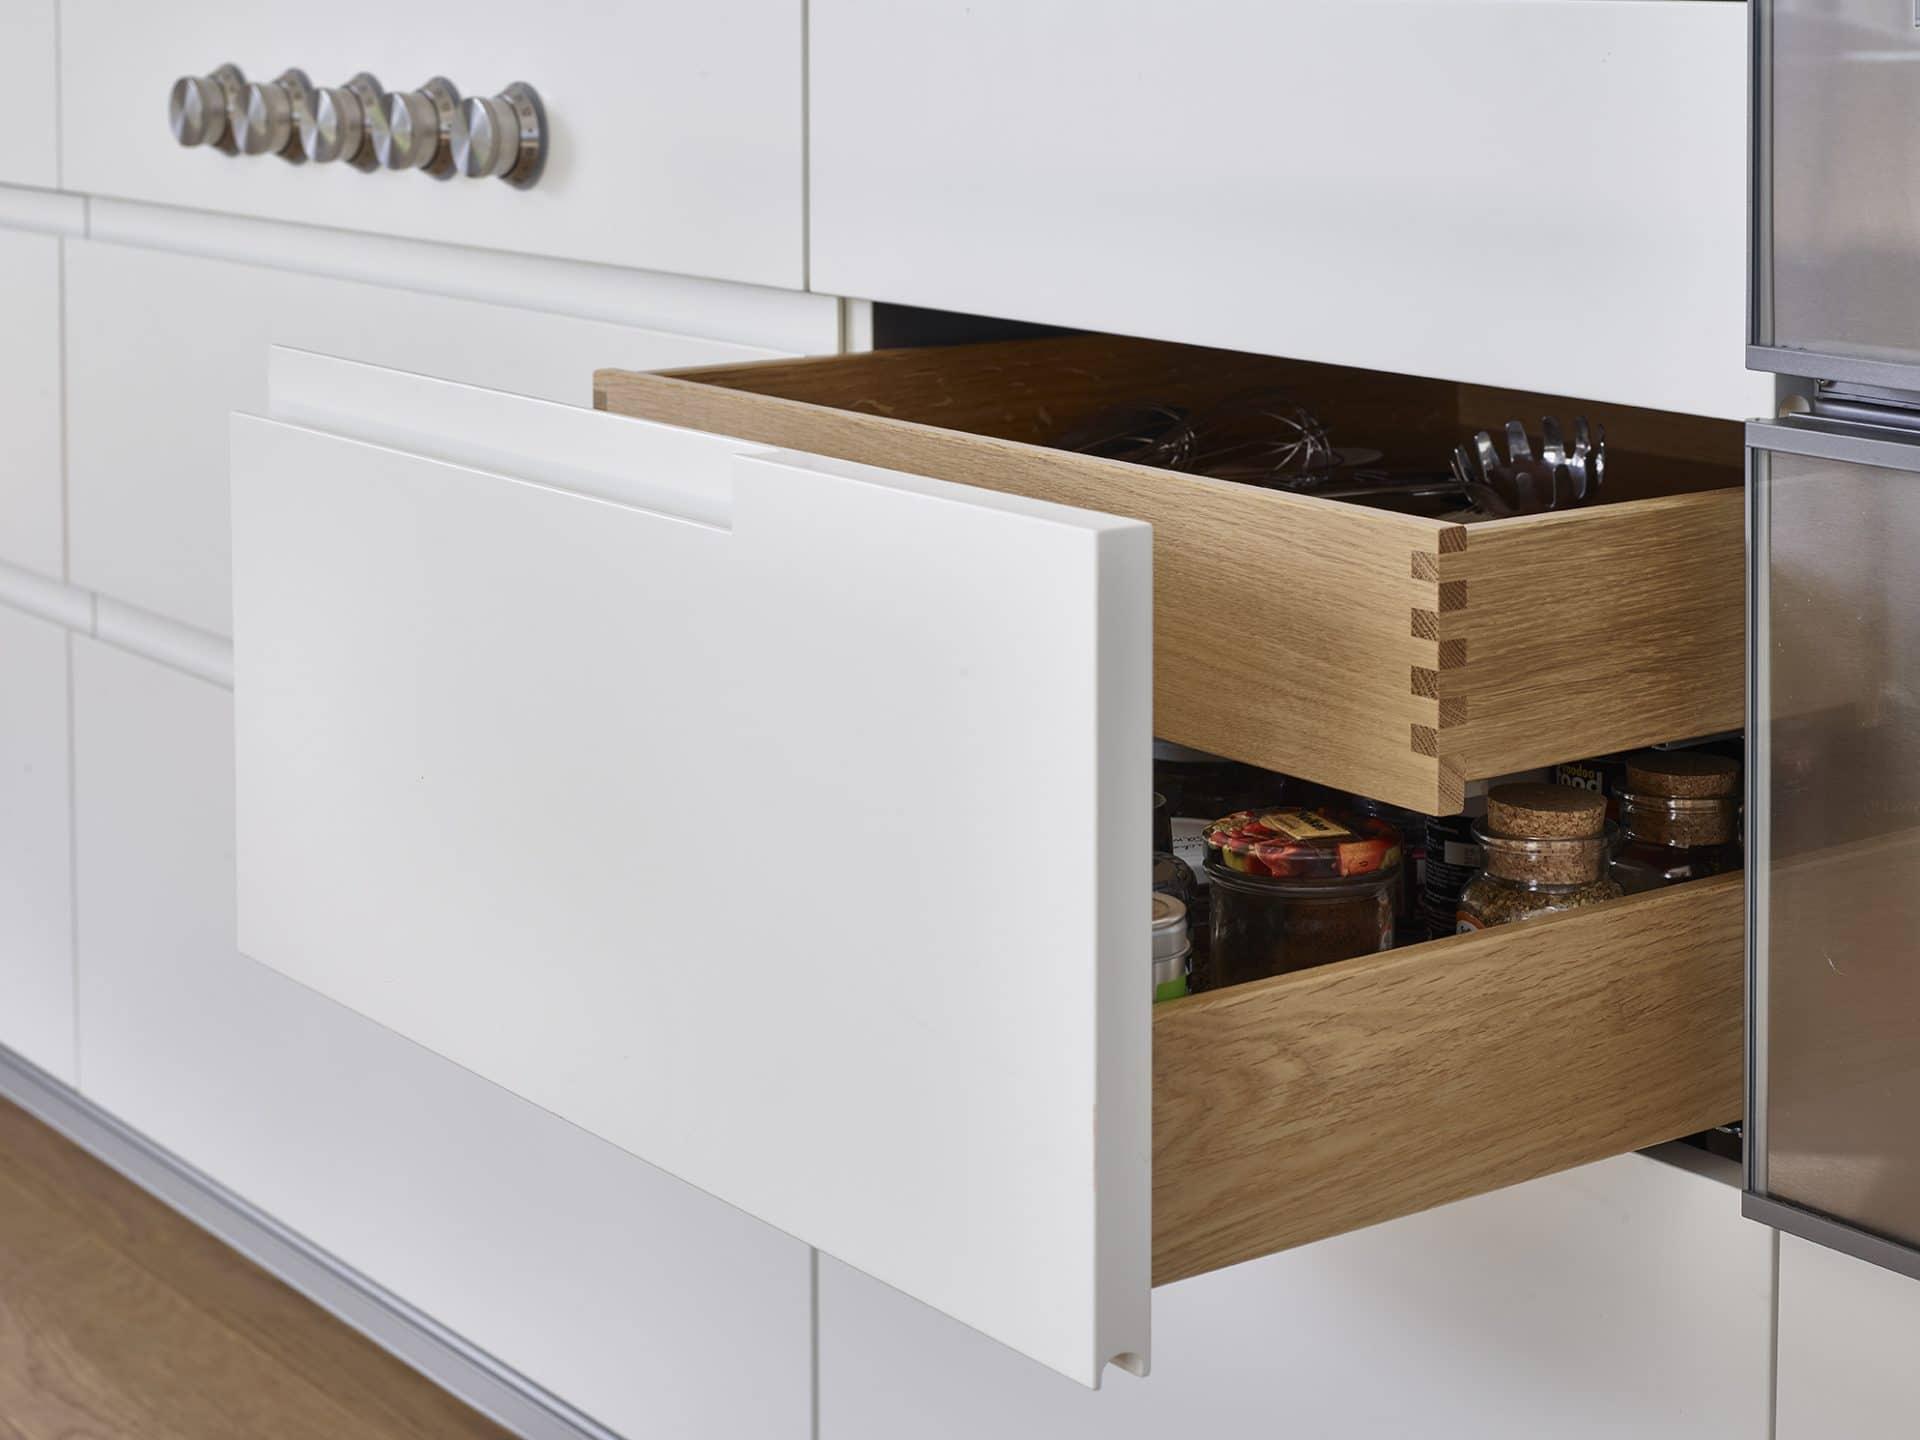 Inneneinrichtungsdesign von Voit, Küche mit weißen Fronten, Eiche natur - Geöffnete Schublade mit Gewürzen, im Hintergrund Kochfeld Regler